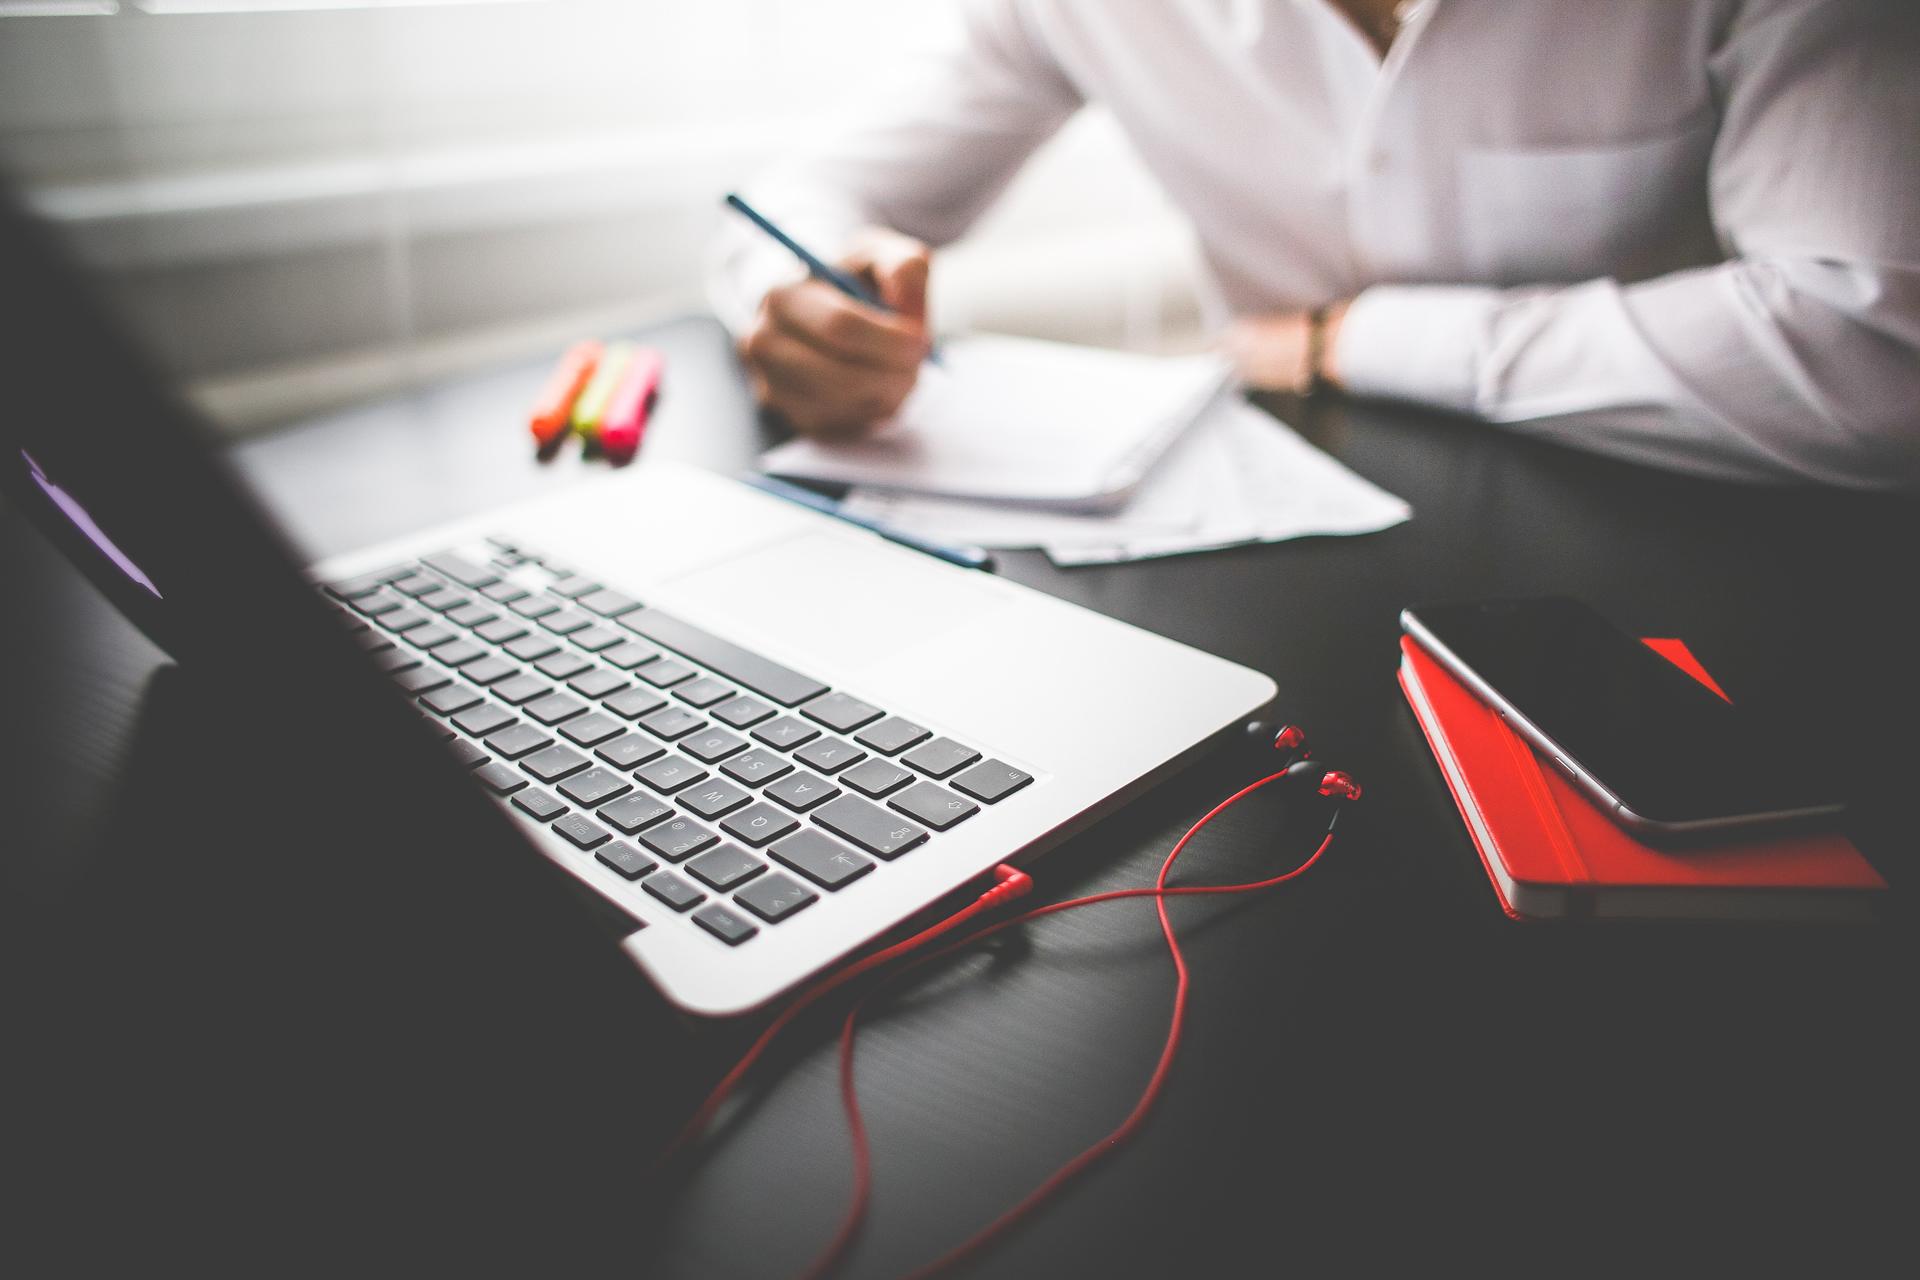 MFORMULA Blog - Desenvolvimento e criação de loja virtual, comércio eletrônico, e-commerce, web marketing, e-business, web site, banners, anúncios, site no celular (WAP/3G), hospedagem de sites, registro de domínio e muito mais.